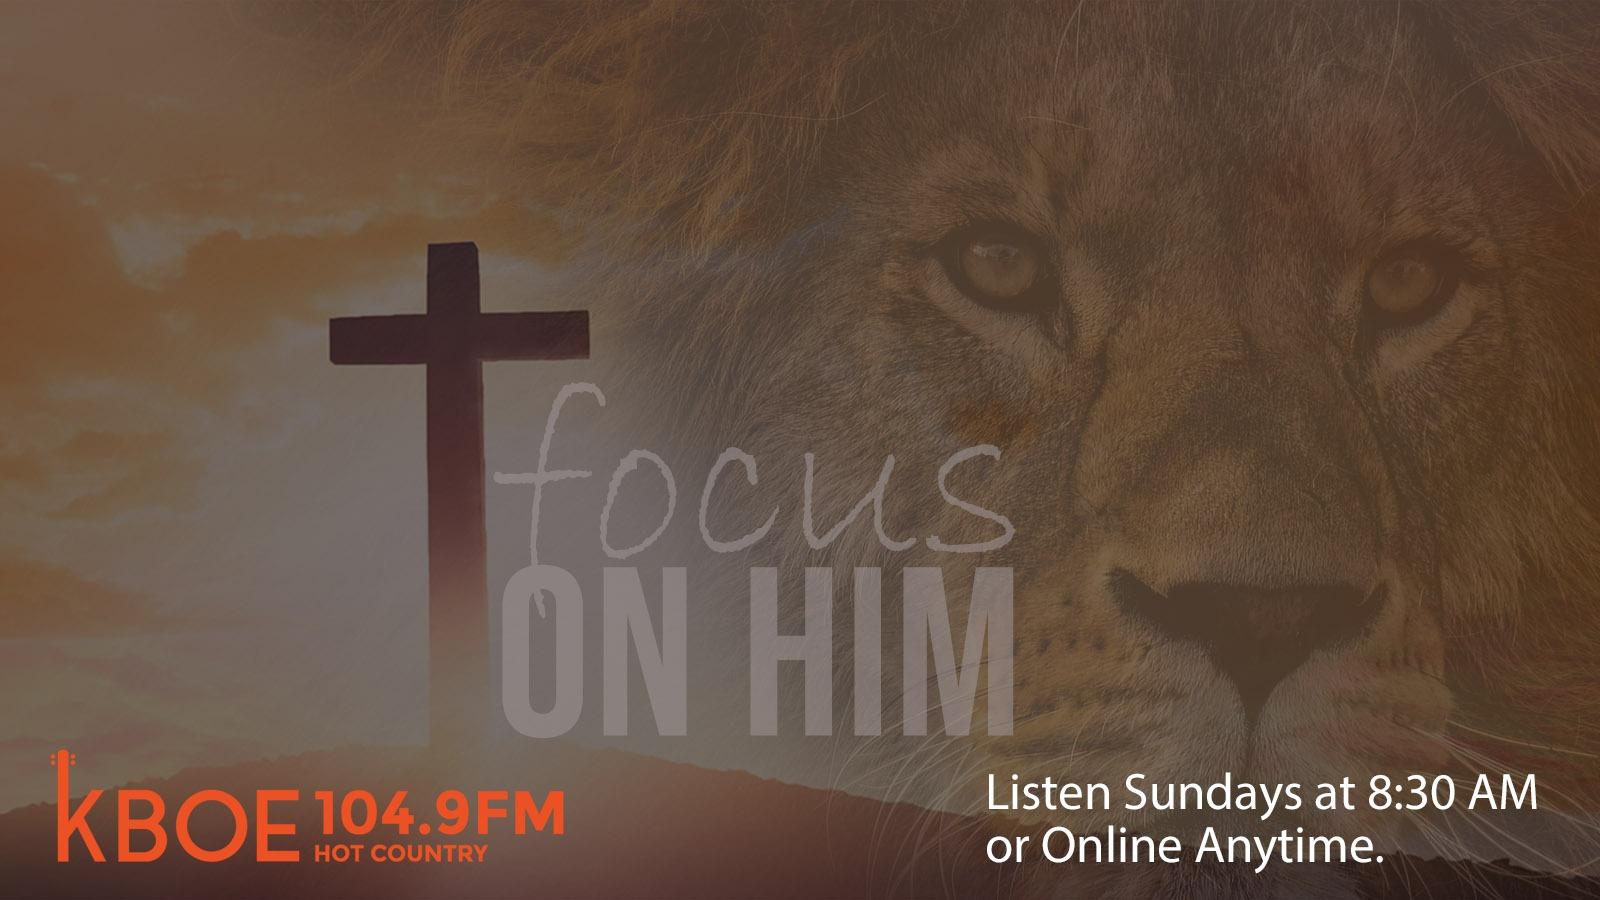 KBOE Series: Focus on Him